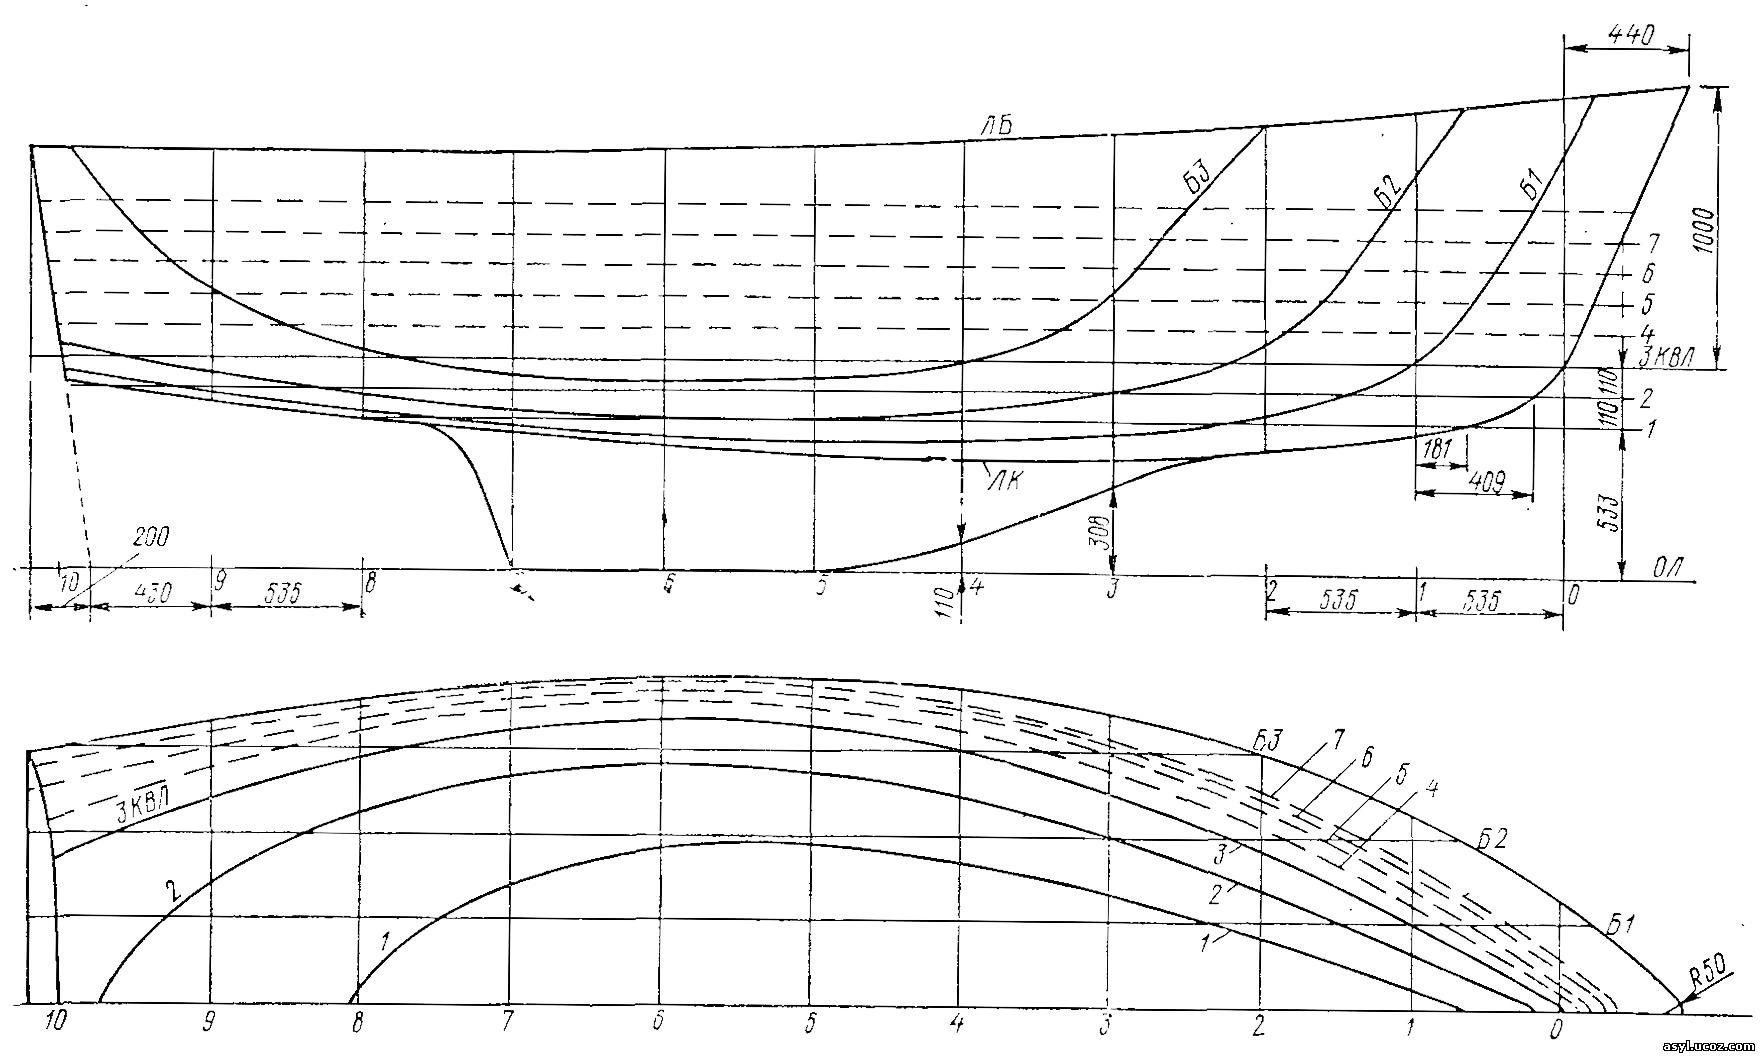 Теоретический чертеж корпуса яхты. Проекции: полуширота и бок.